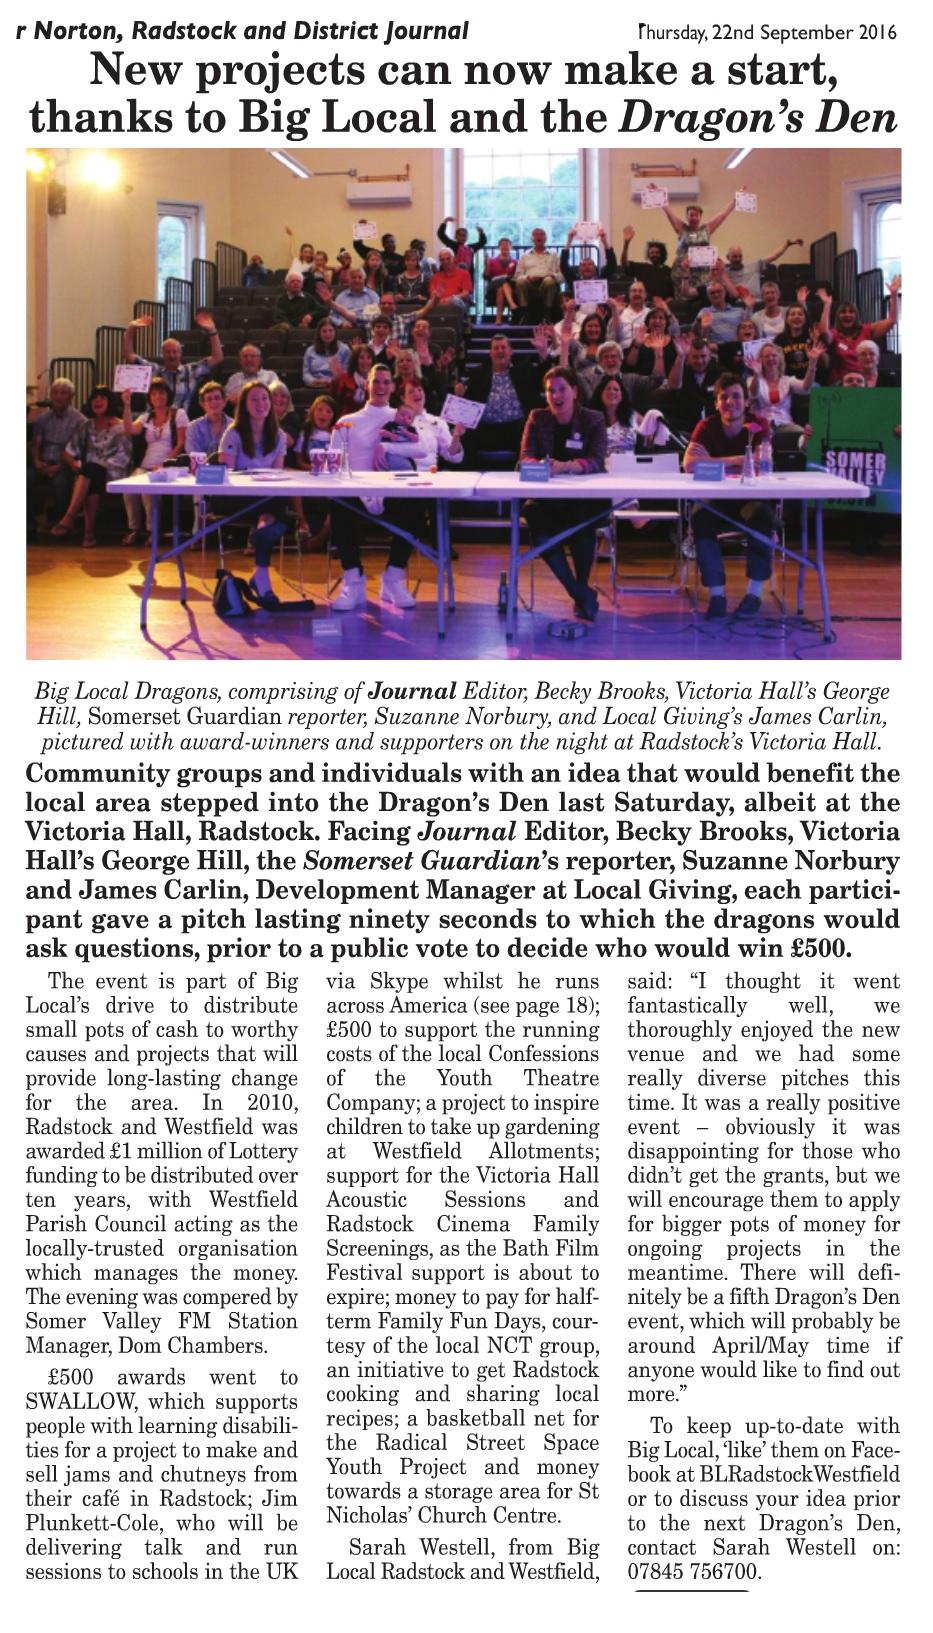 dd4-journal-22nd-sept